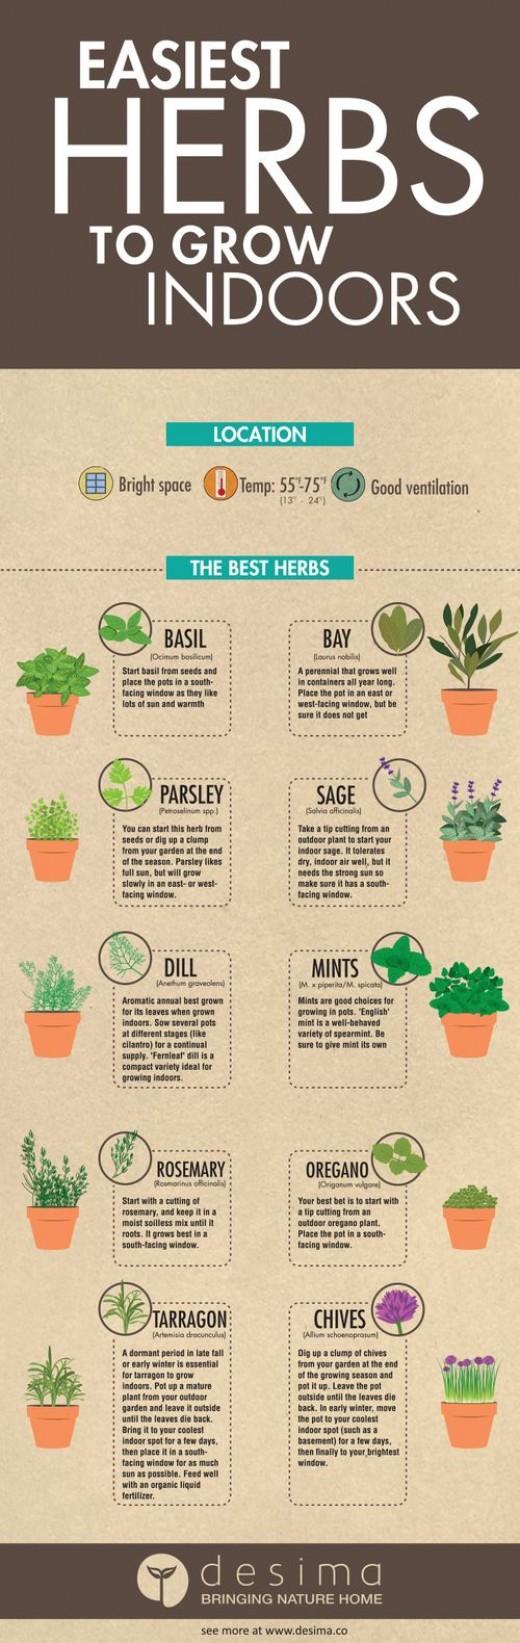 Fashionable A Pallet Diy Herb Garden Pallet Vertical Gardening Diy Craft Making An Herb Garden Out Diy Herb Garden Ideas garden Build An Herb Garden